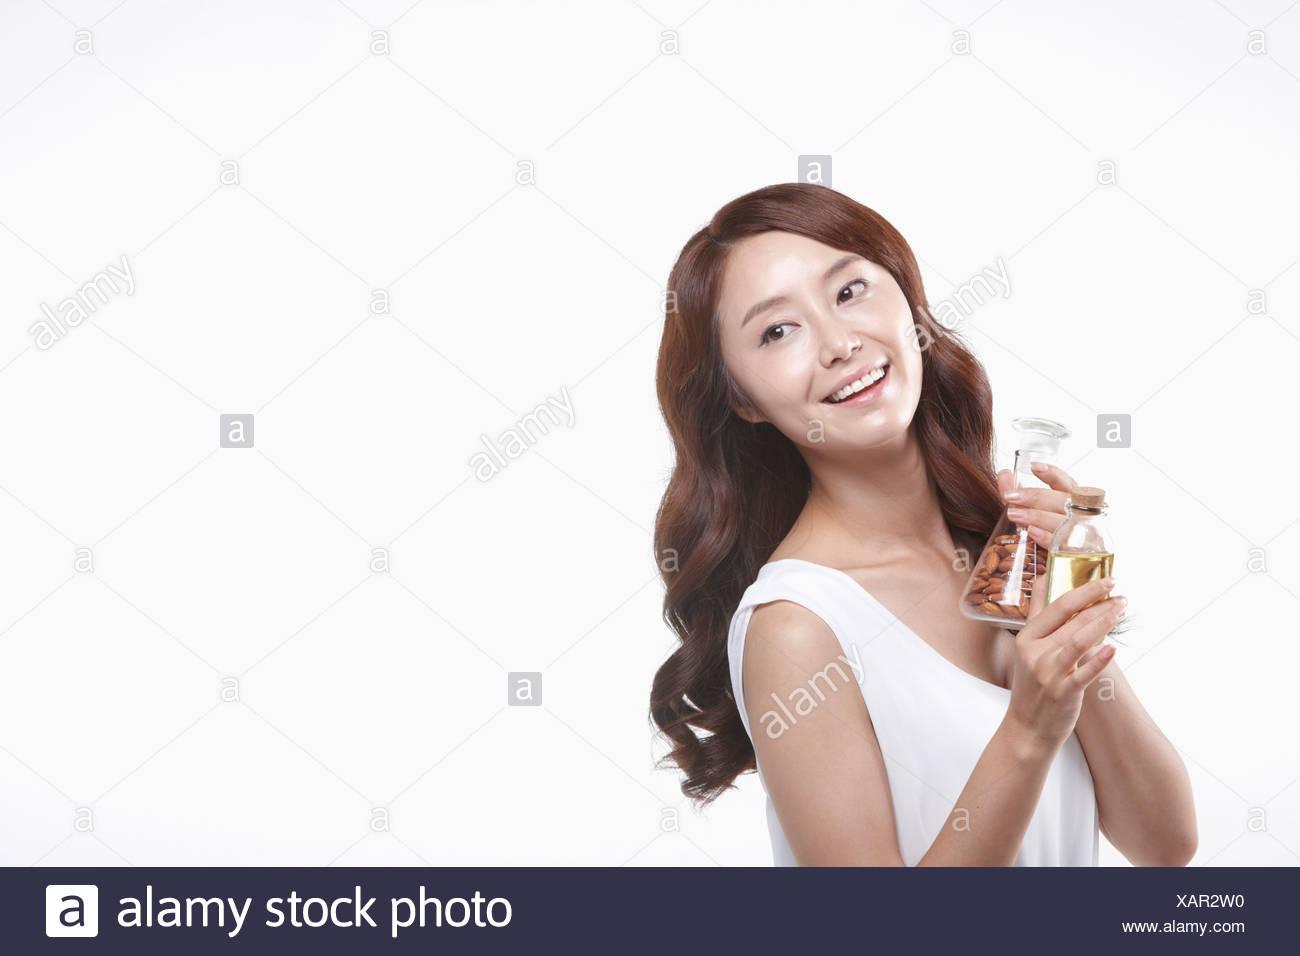 Una señora en vestido blanco sosteniendo una jarra con tuercas Imagen De Stock